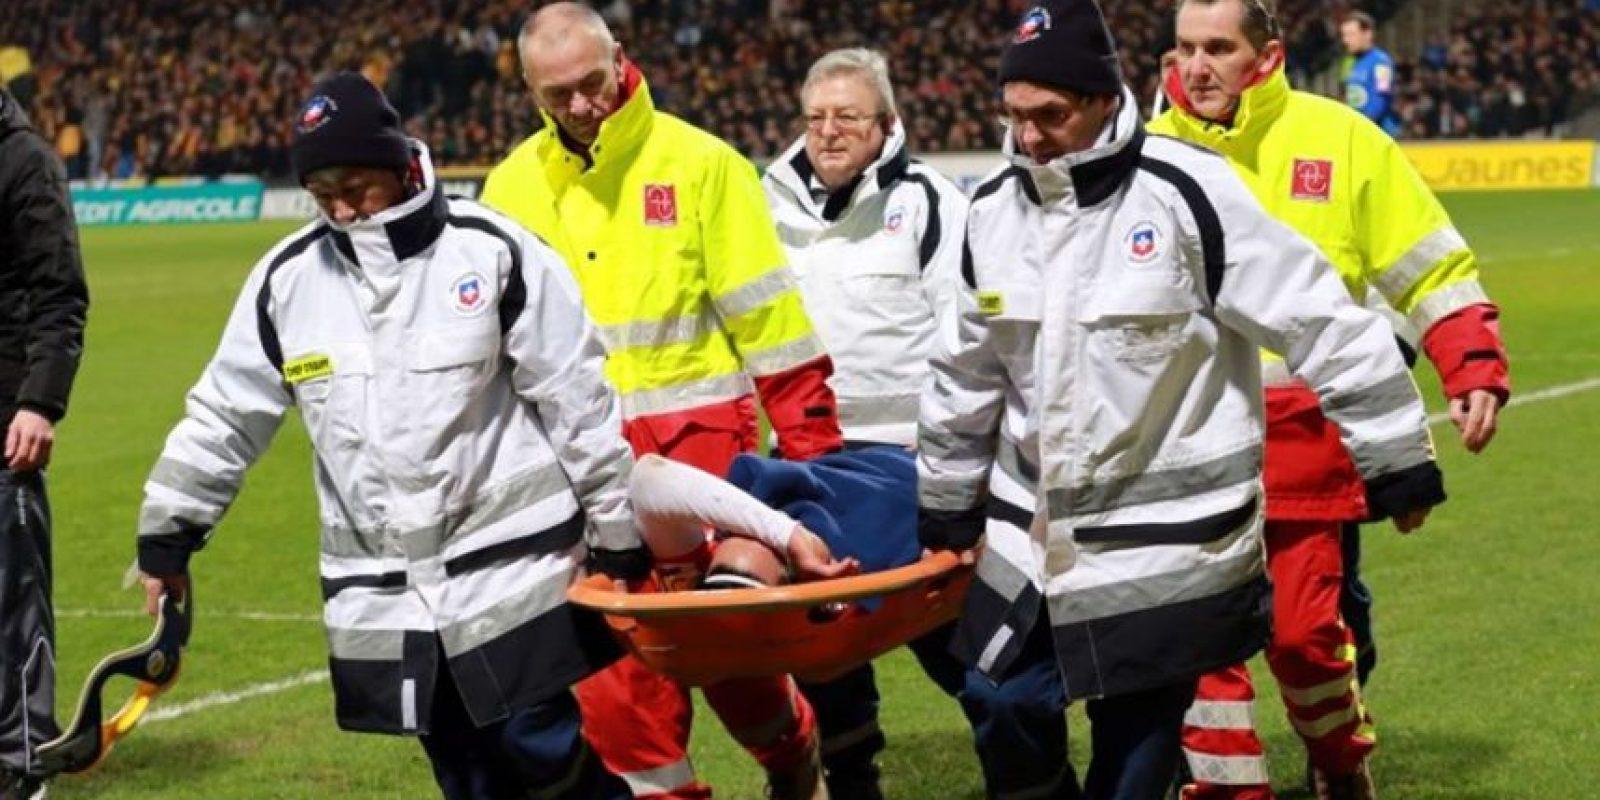 Jugaba en el modesto Chasselay de la cuarta división de Francia cuando se hizo famoso por lesionar a Radamel Falcao en enero de 2014. Esto ocurrió durante un encuentro entre su equipo y el Mónaco de la Copa de Francia. Foto:AFP